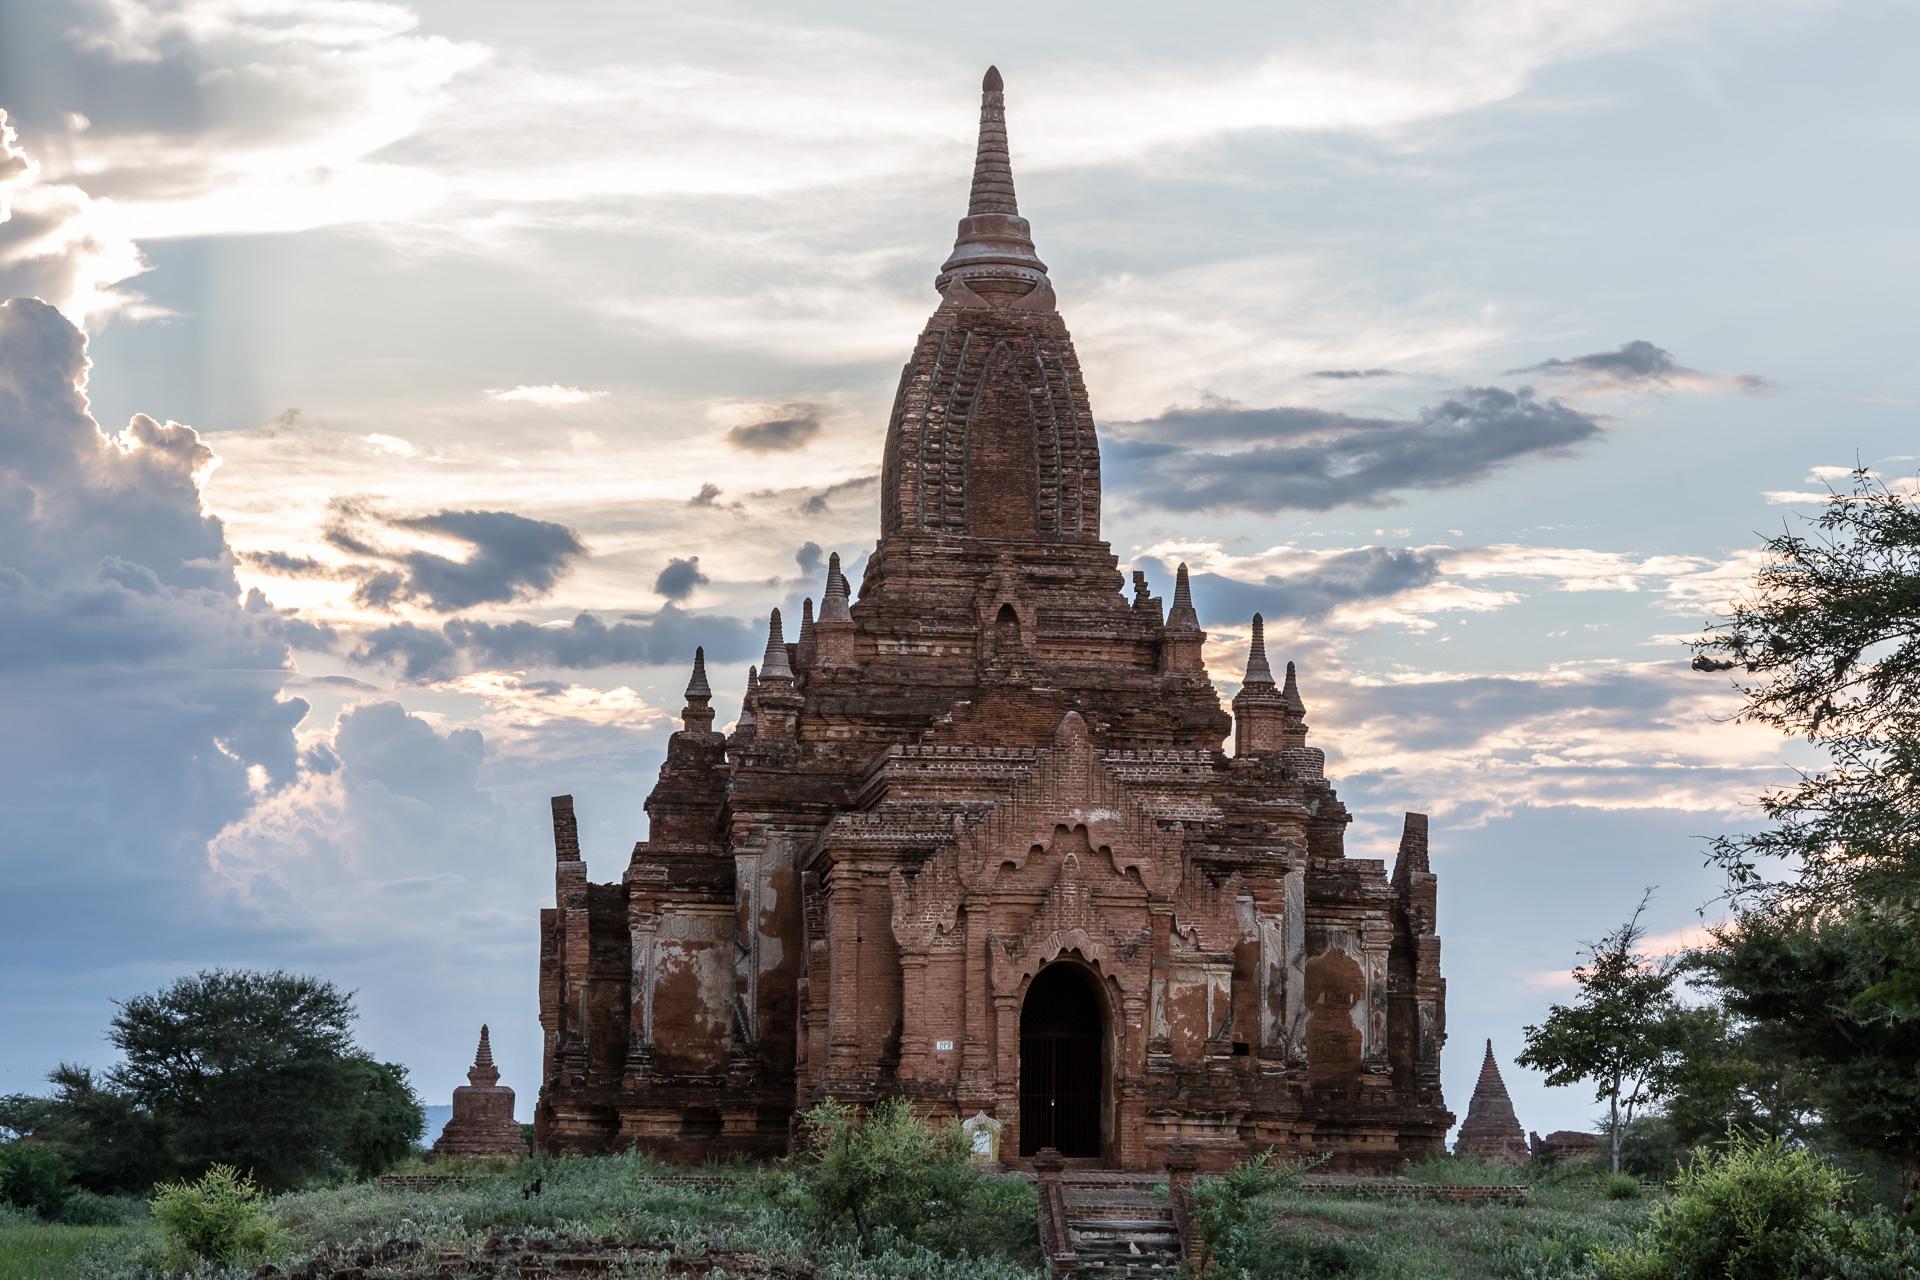 myanmar-reportage-wisckow-047.jpg